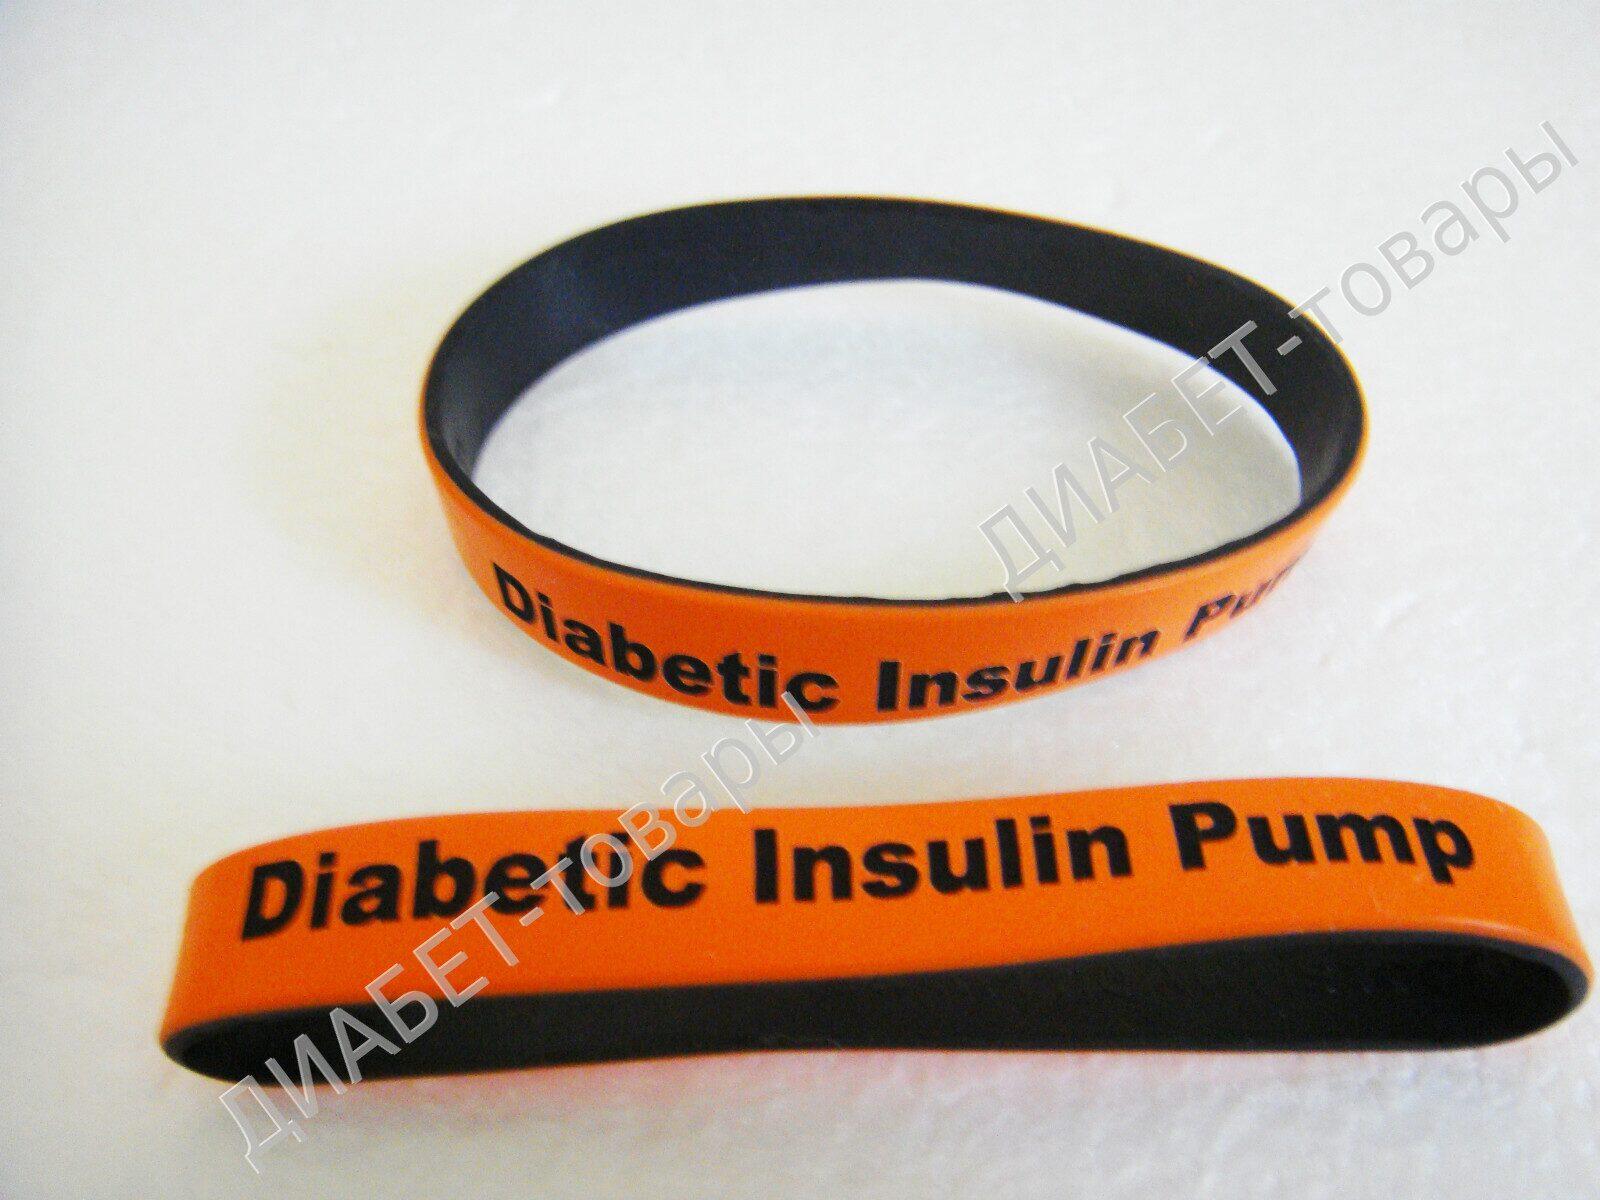 браслеты для диабетиков купить в москве